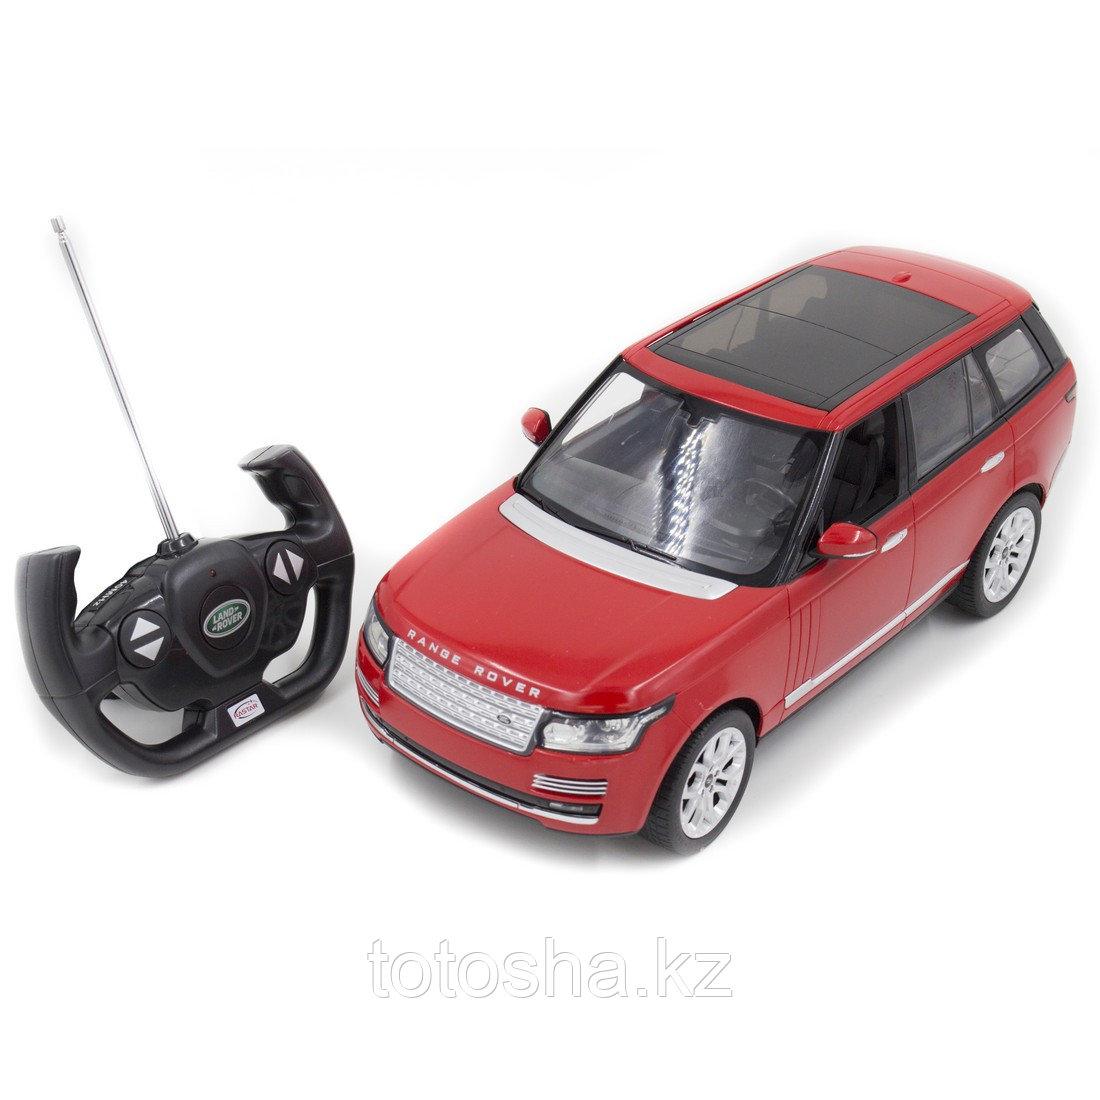 Радиоуправляемая машина RangeRover Sport 1:14, RASTAR 49700R